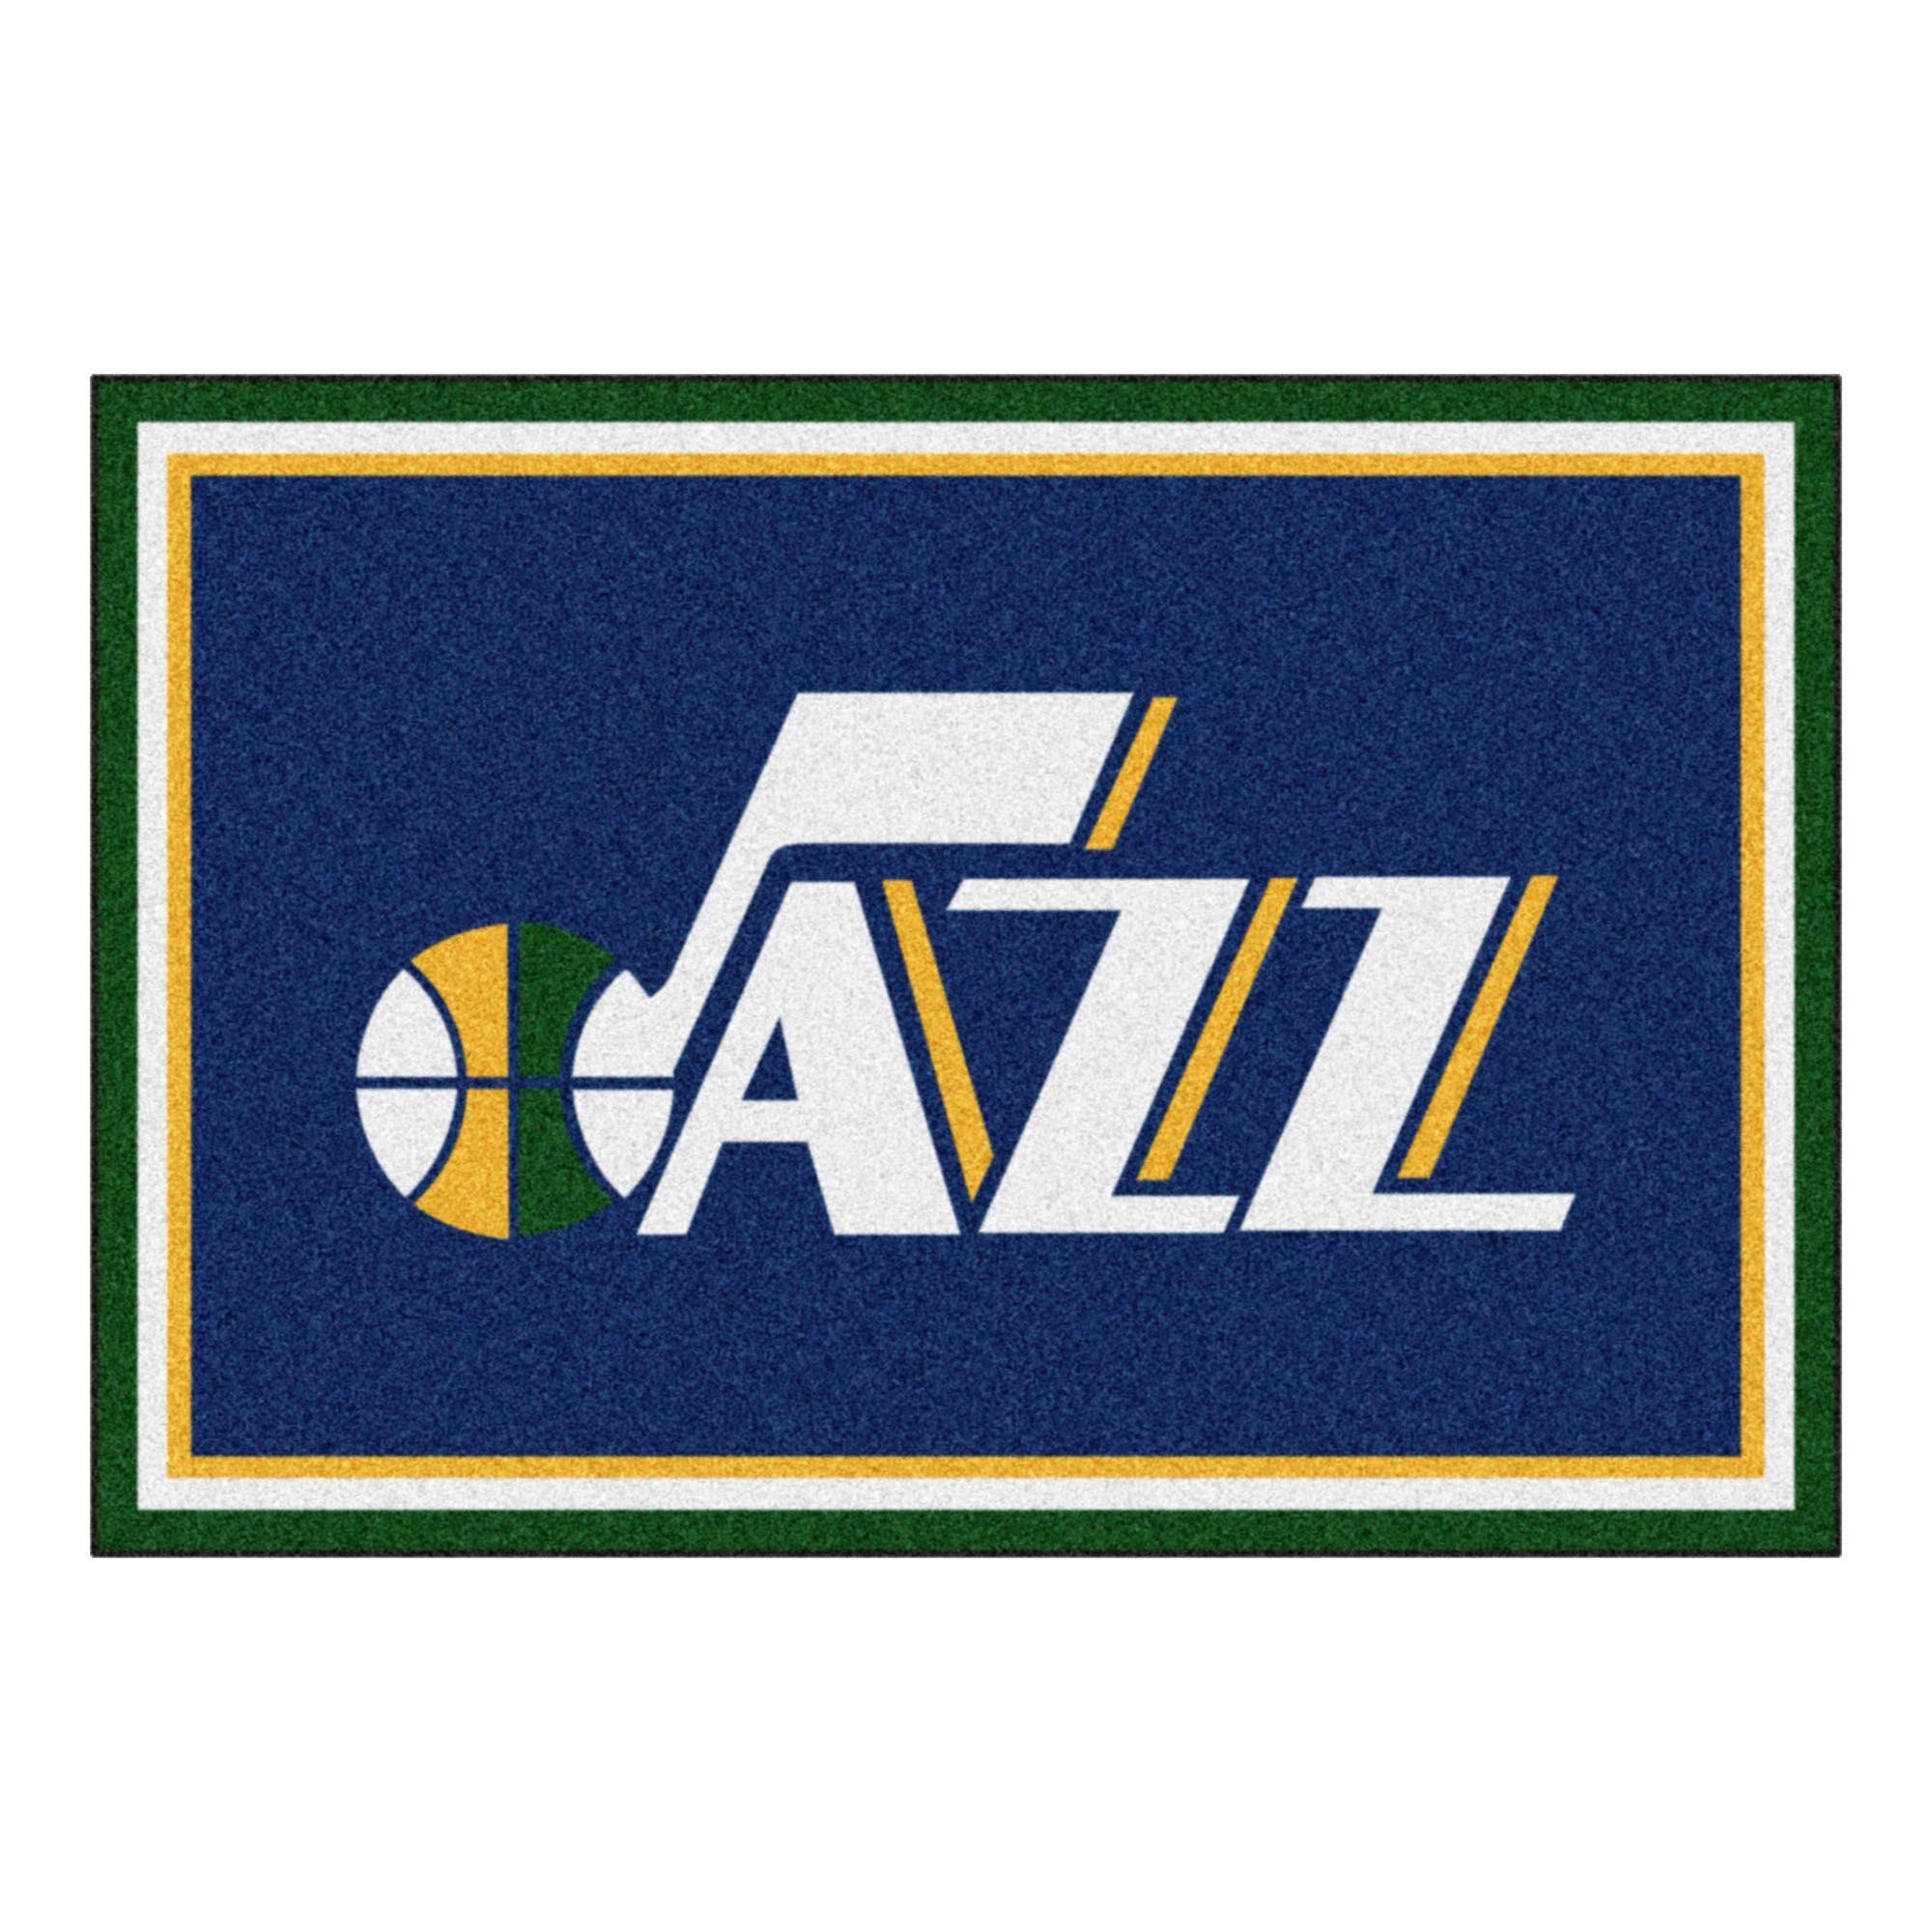 NBA - Utah Jazz 5x8 Doormat